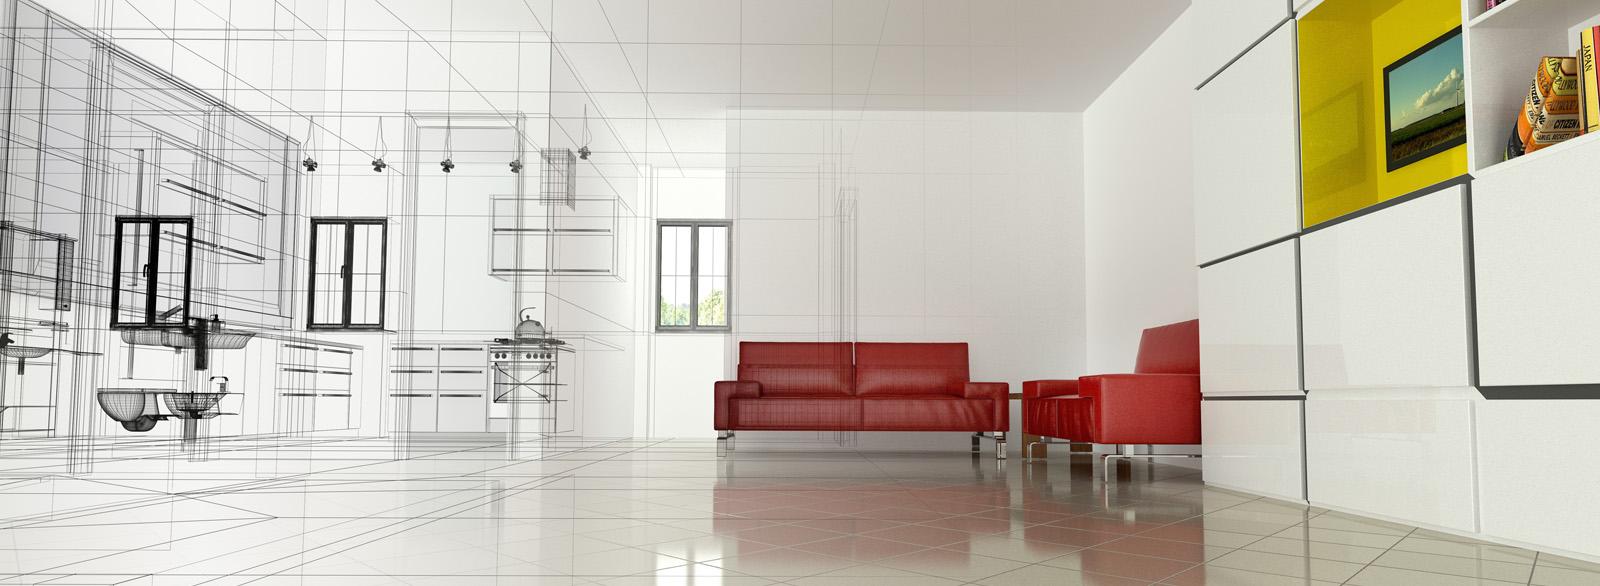 Curso superior online de oficinas y espacios p blicos dsigno for Espacios de oficina